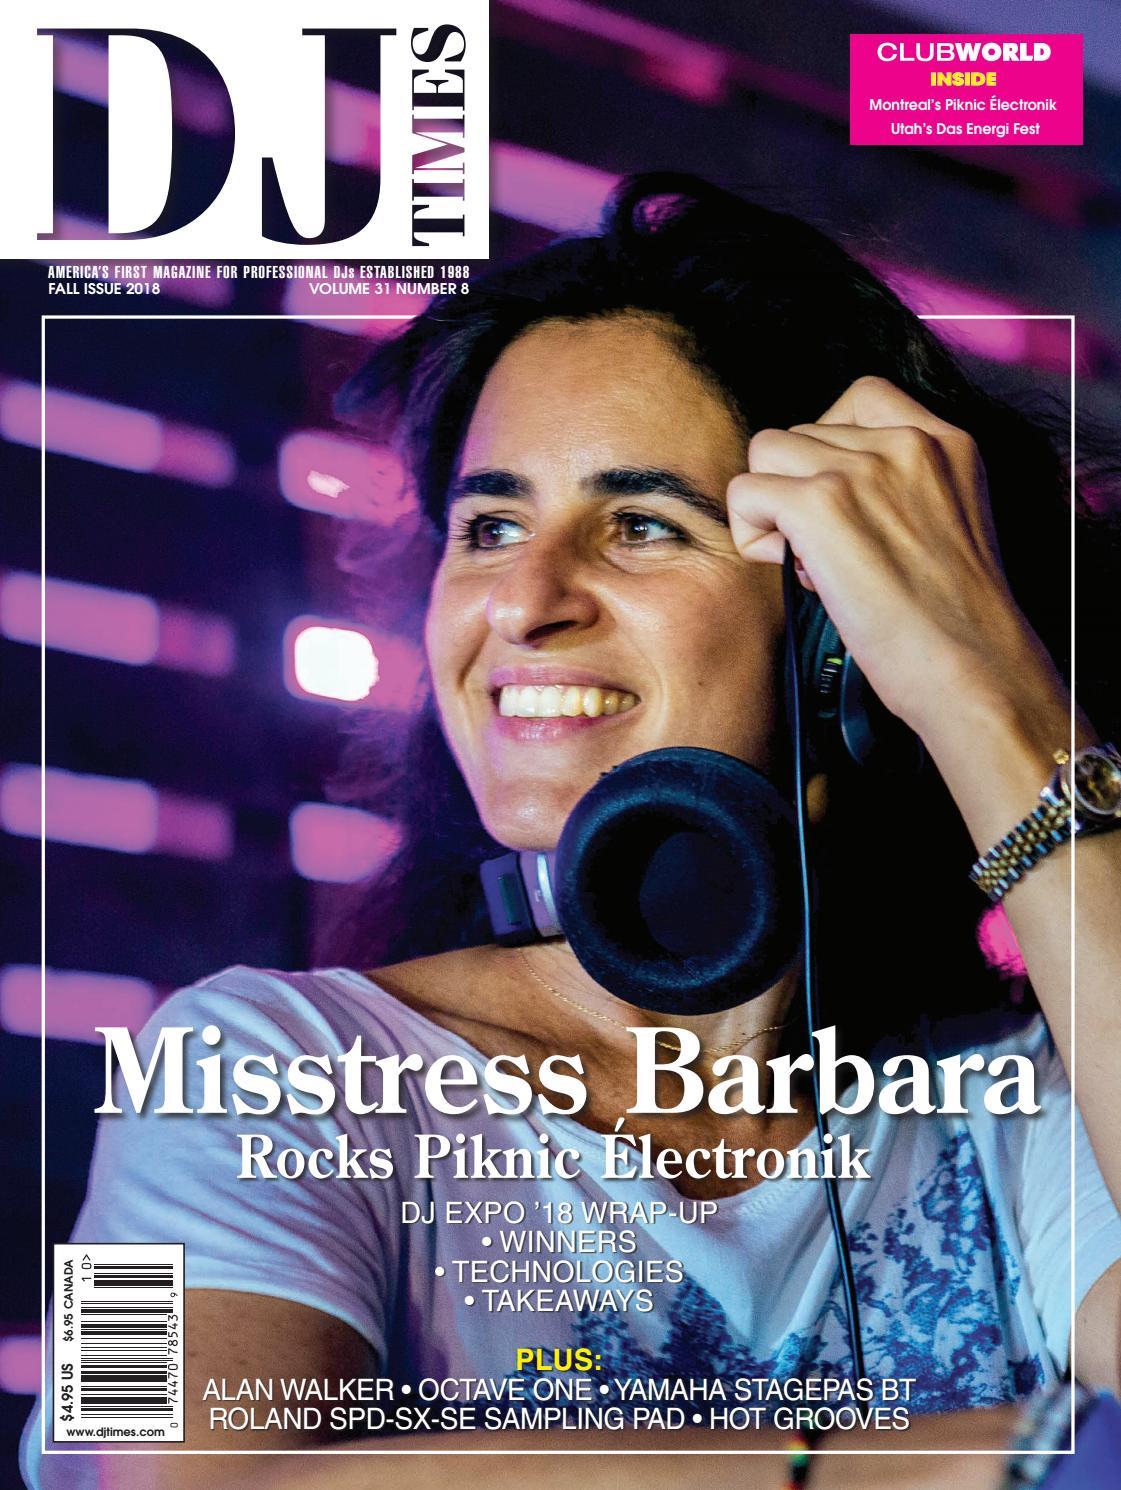 DJ Times October 2018, Vol 31 No 8